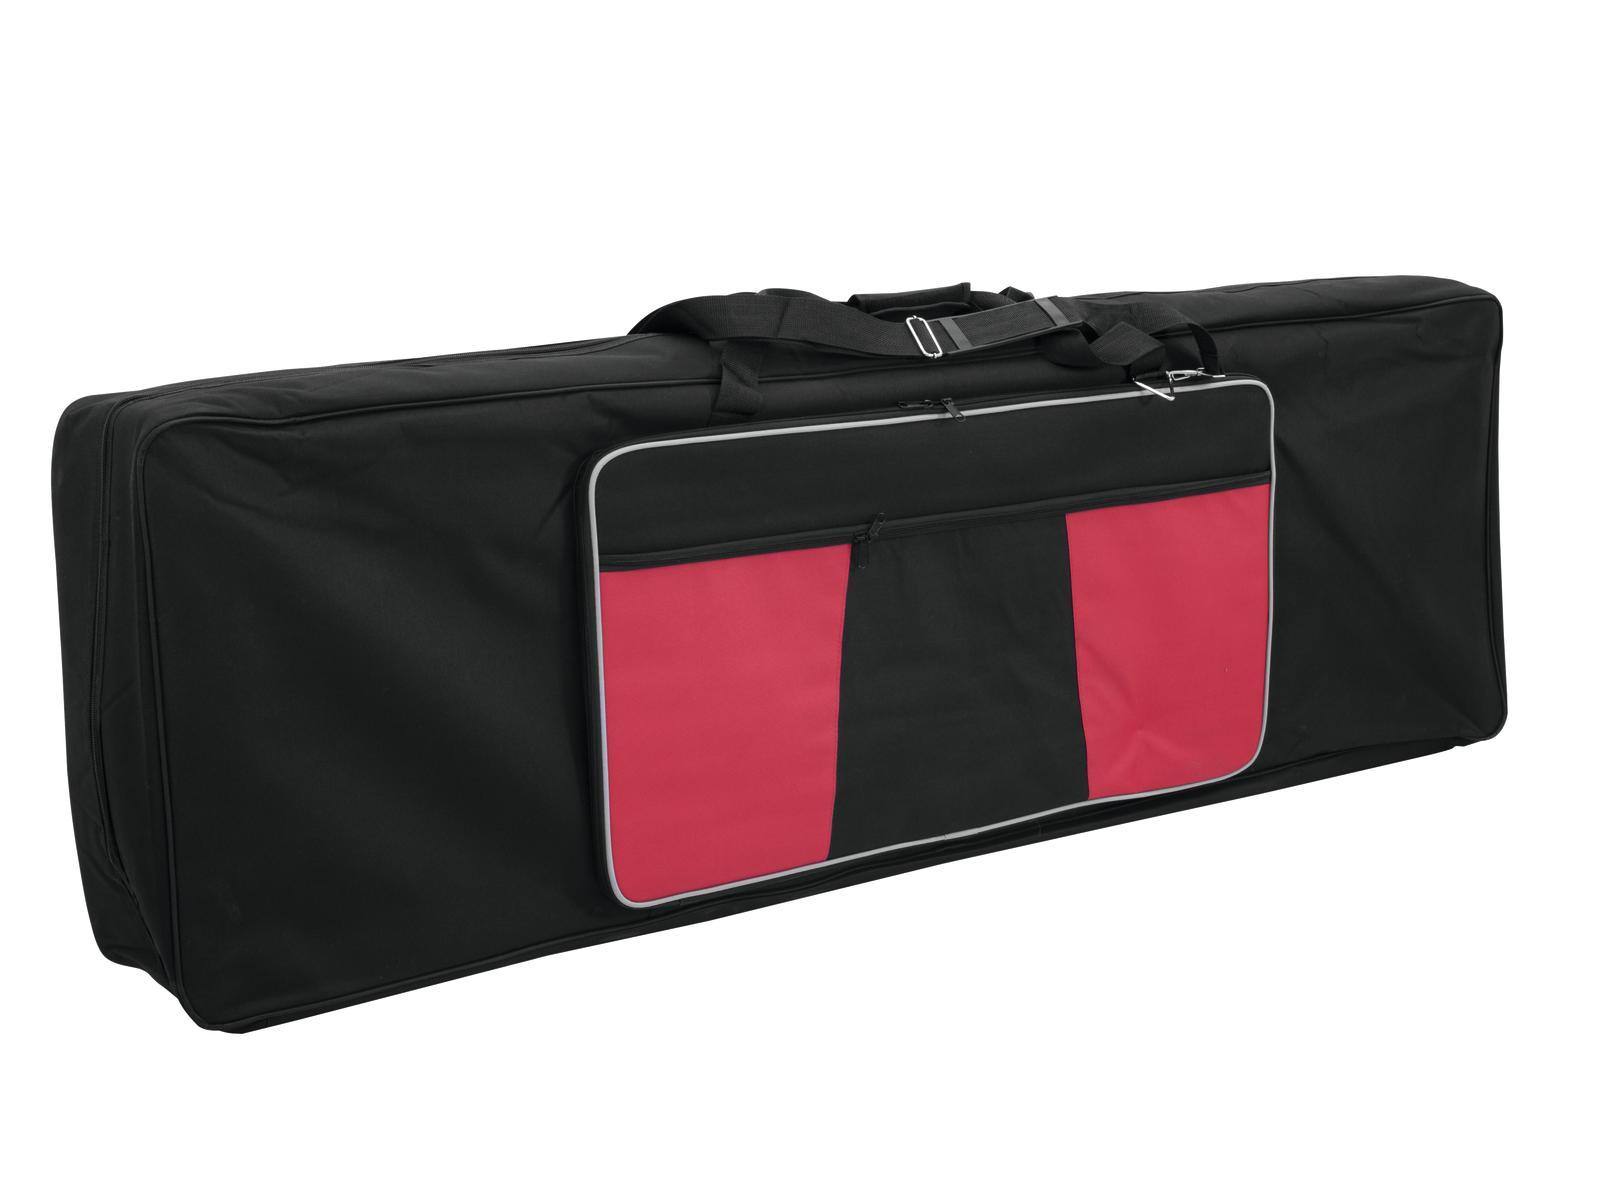 Borsa per tastiera taglia XL, nera con tasca laterale rossa, poliestere DIMAVERY